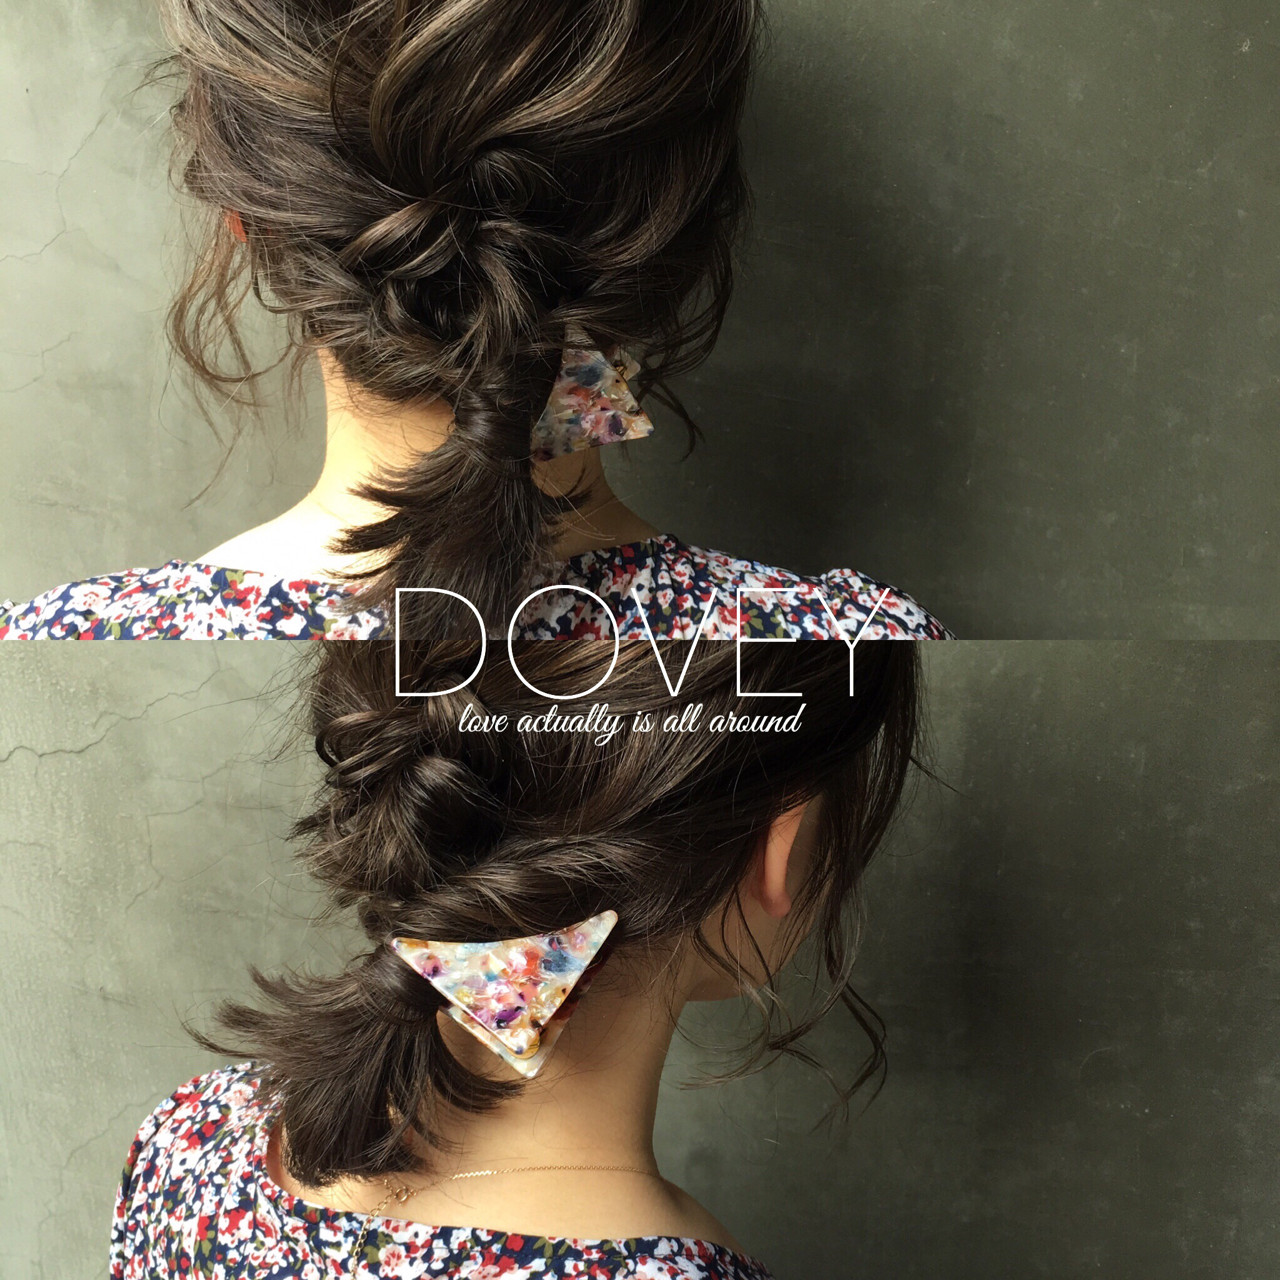 ボブ 簡単ヘアアレンジ 大人かわいい 上品 ヘアスタイルや髪型の写真・画像 | 平井 英勝 / DOVEY